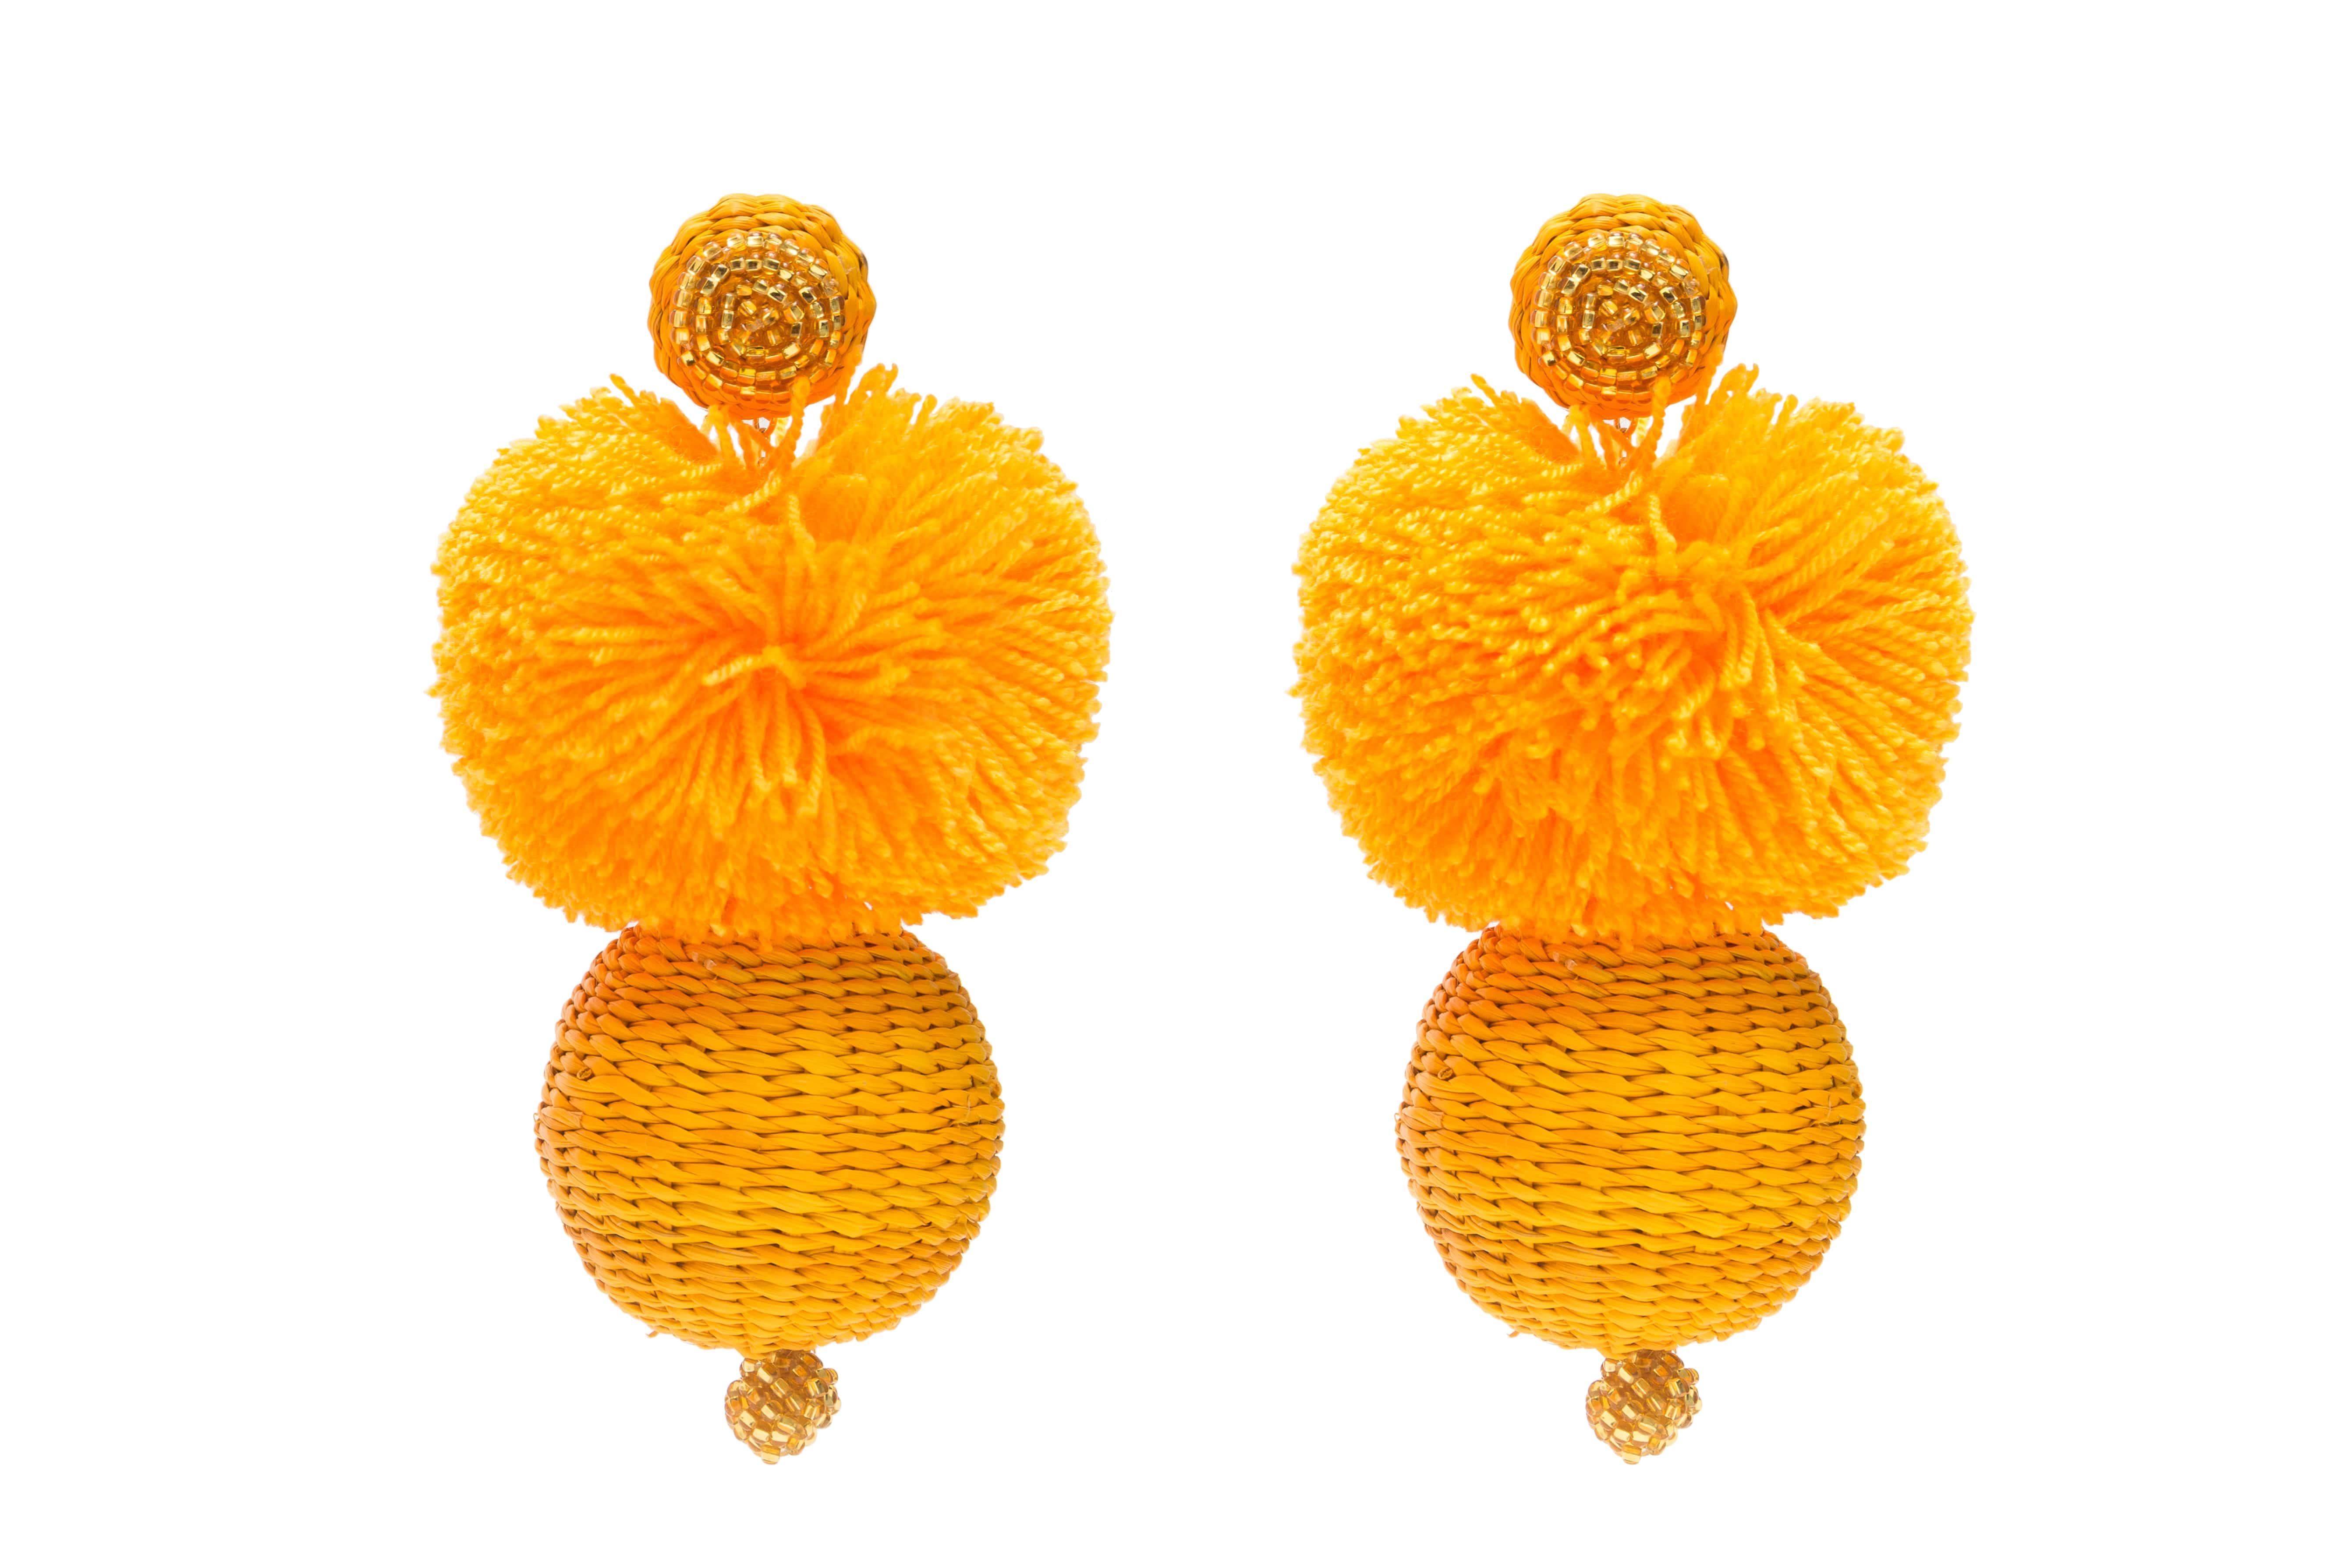 Arete Frufru amarillo